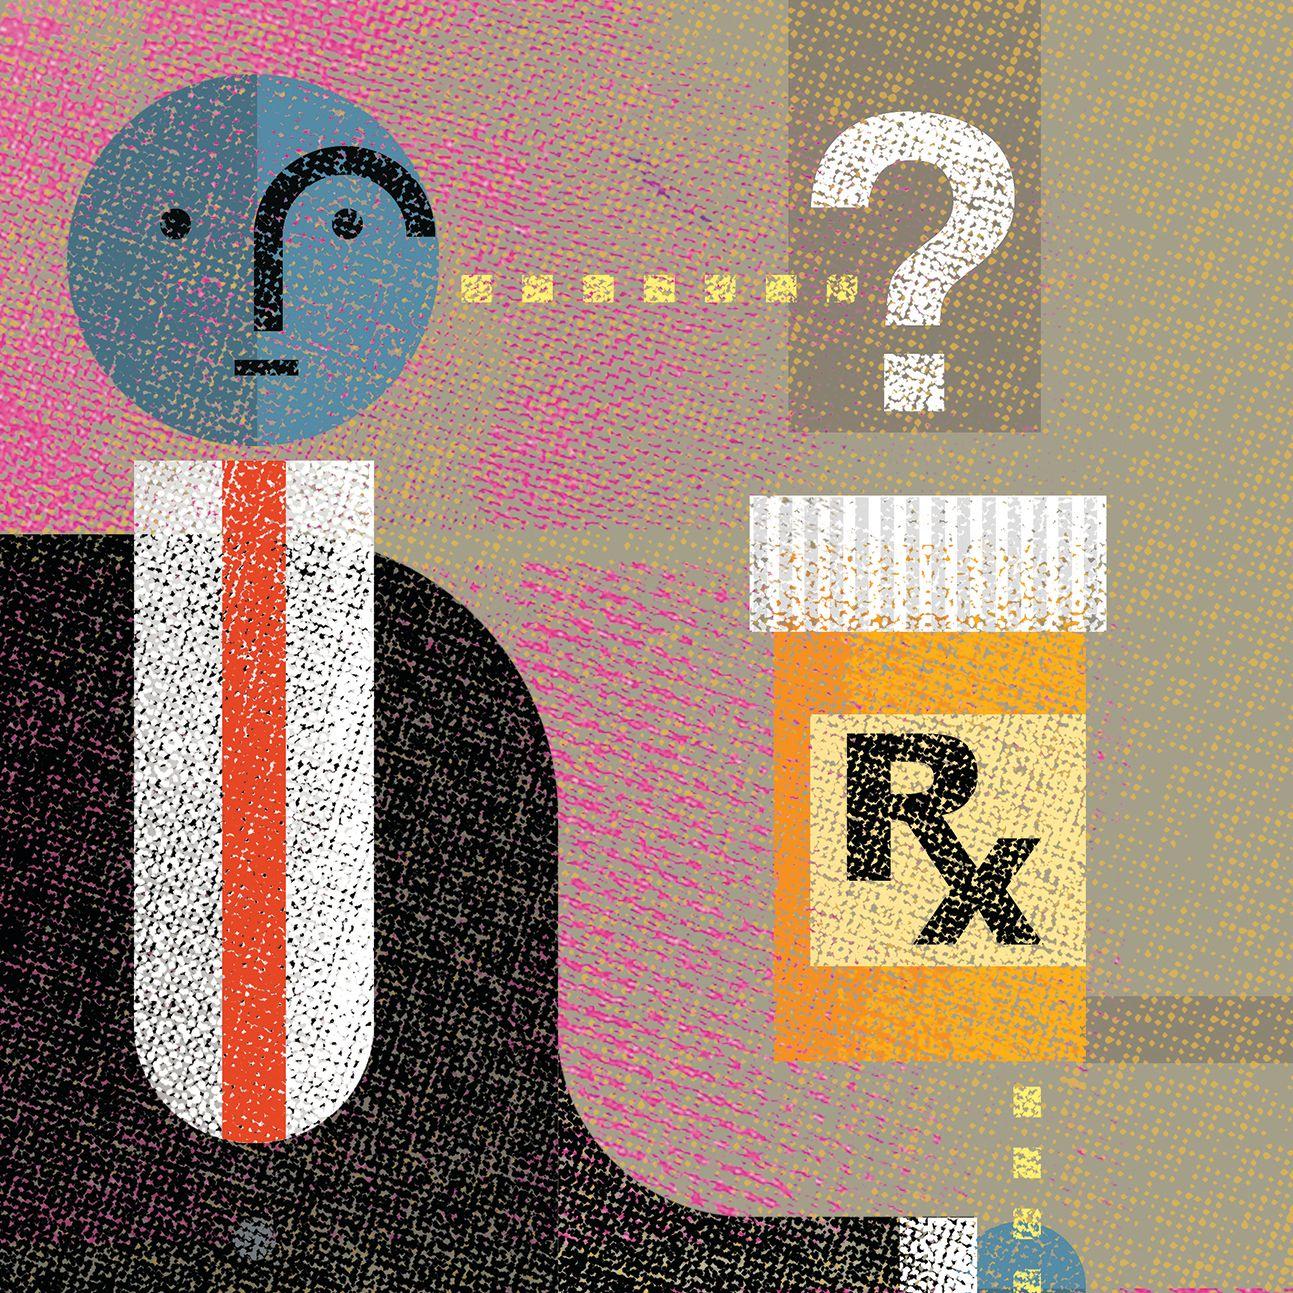 Clinical trials jl4okl